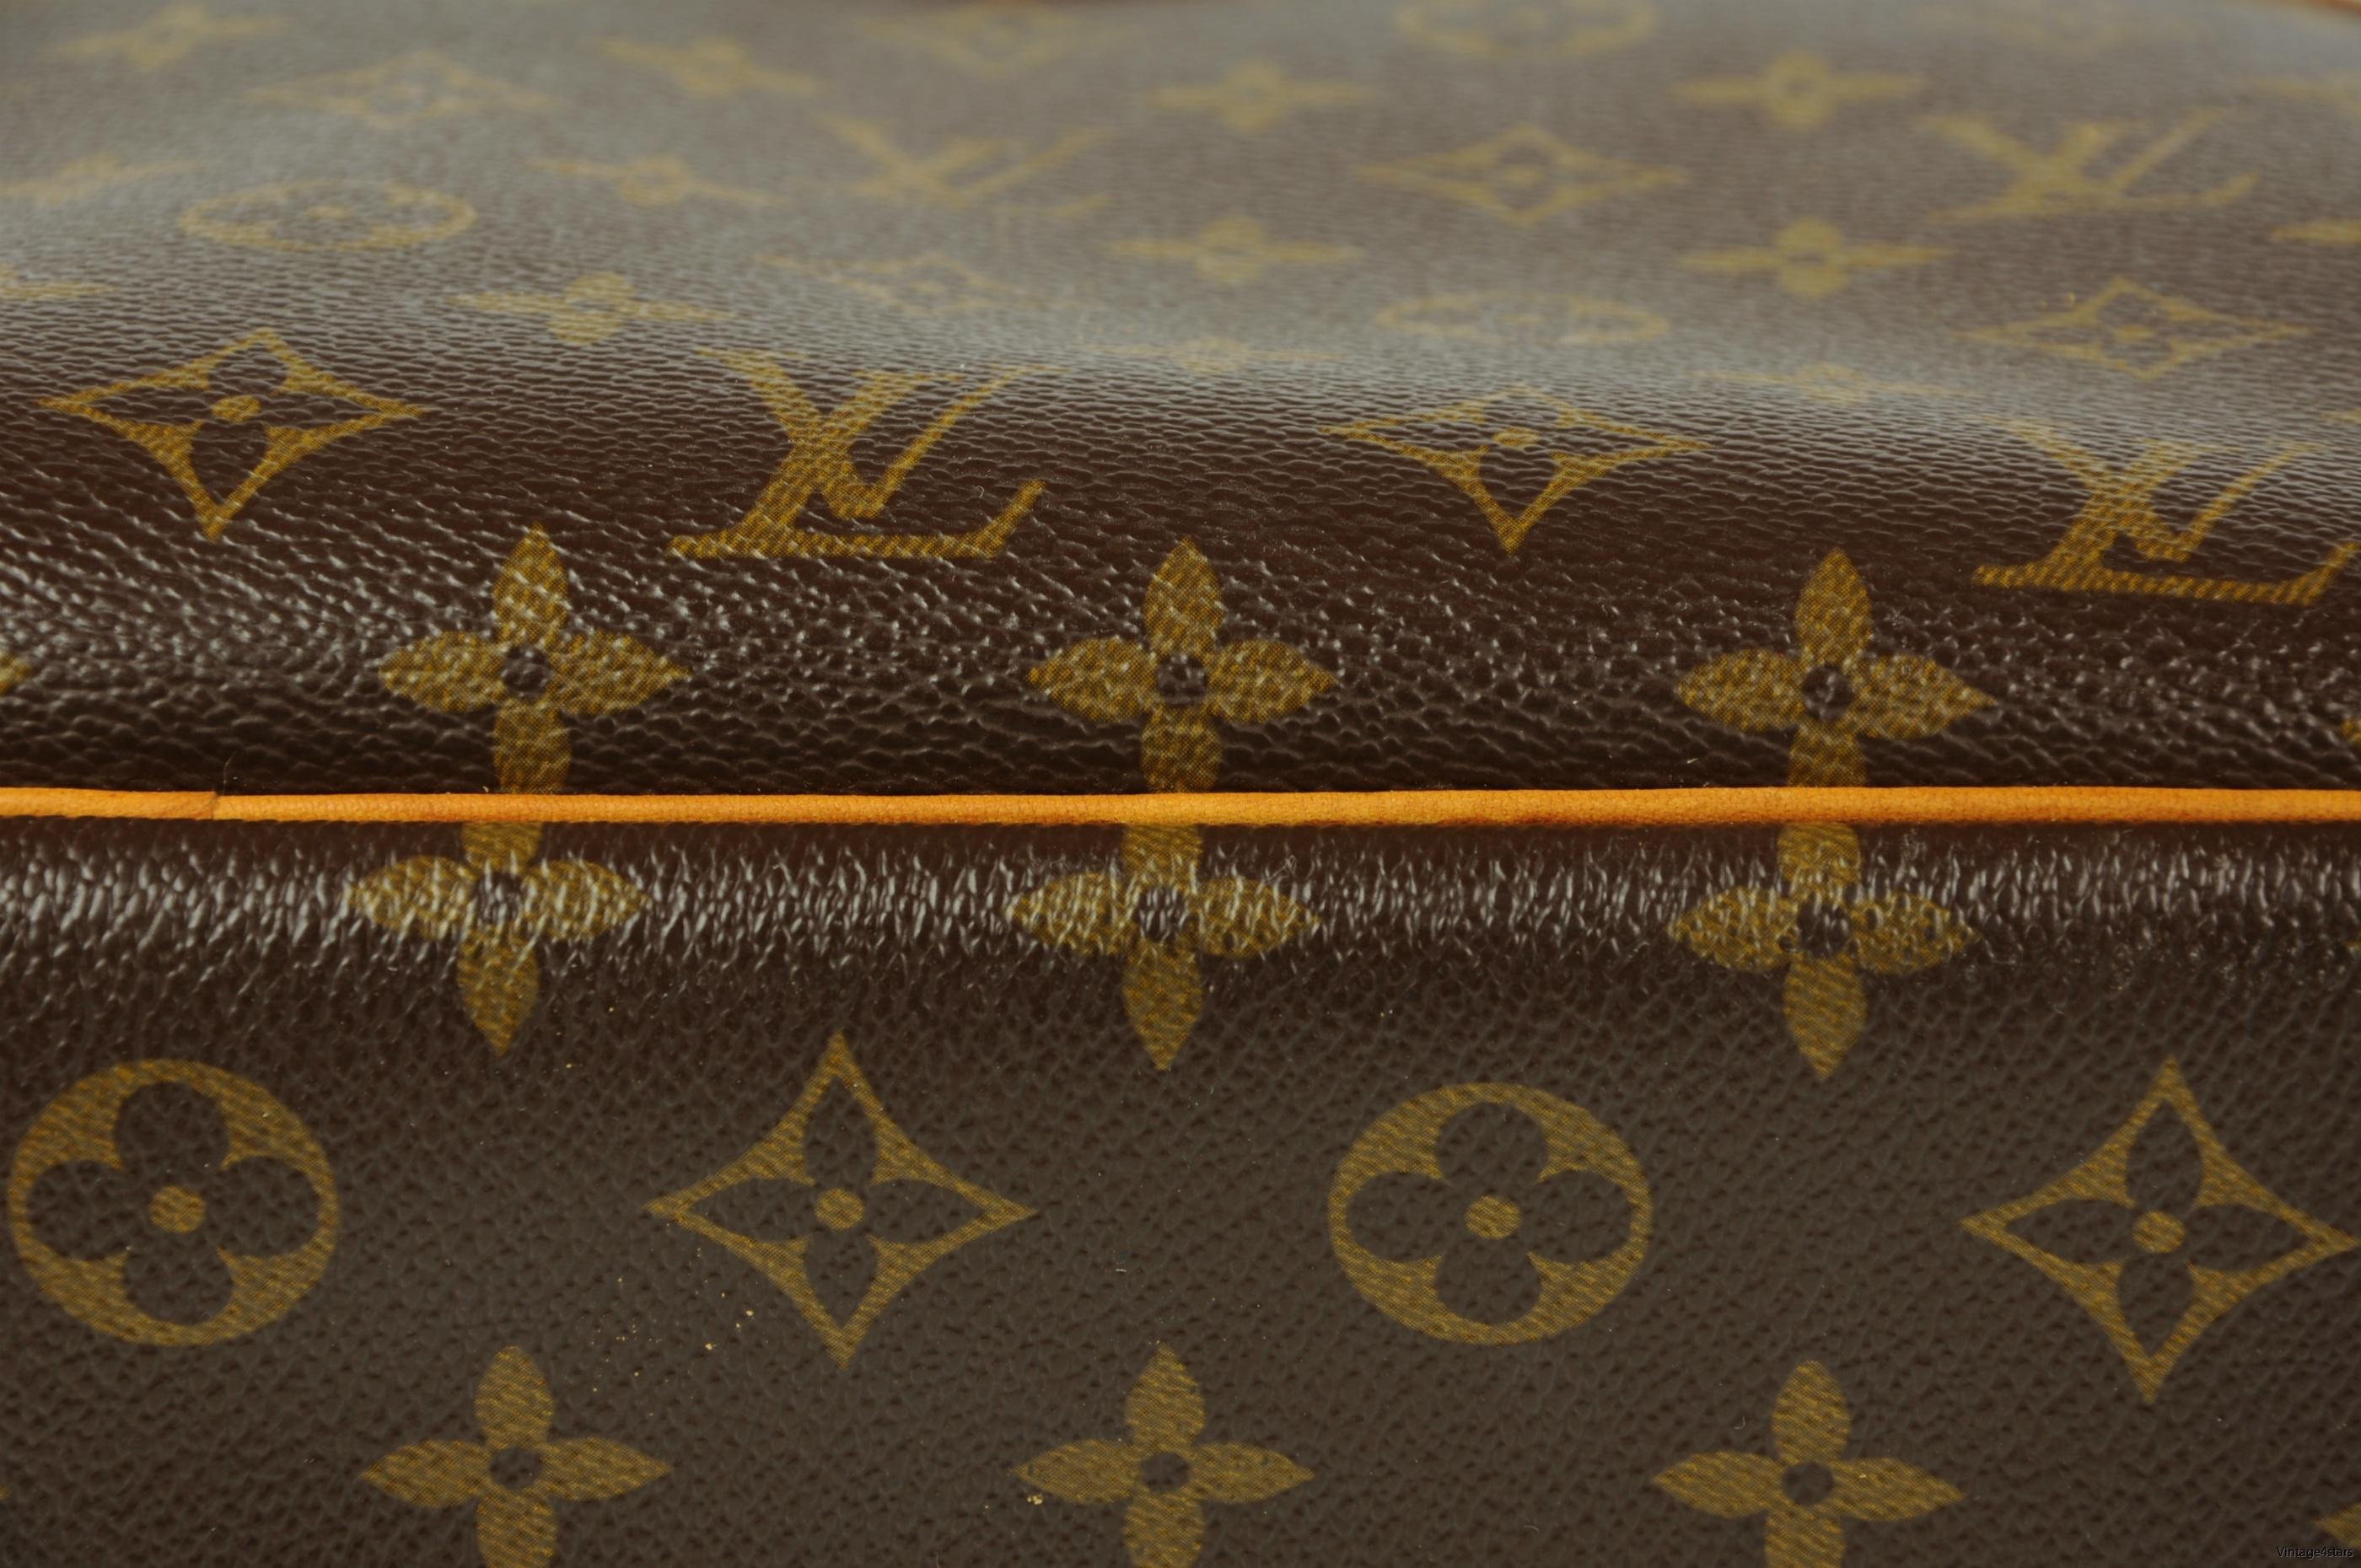 Louis Vuitton Deauville Monogram 4